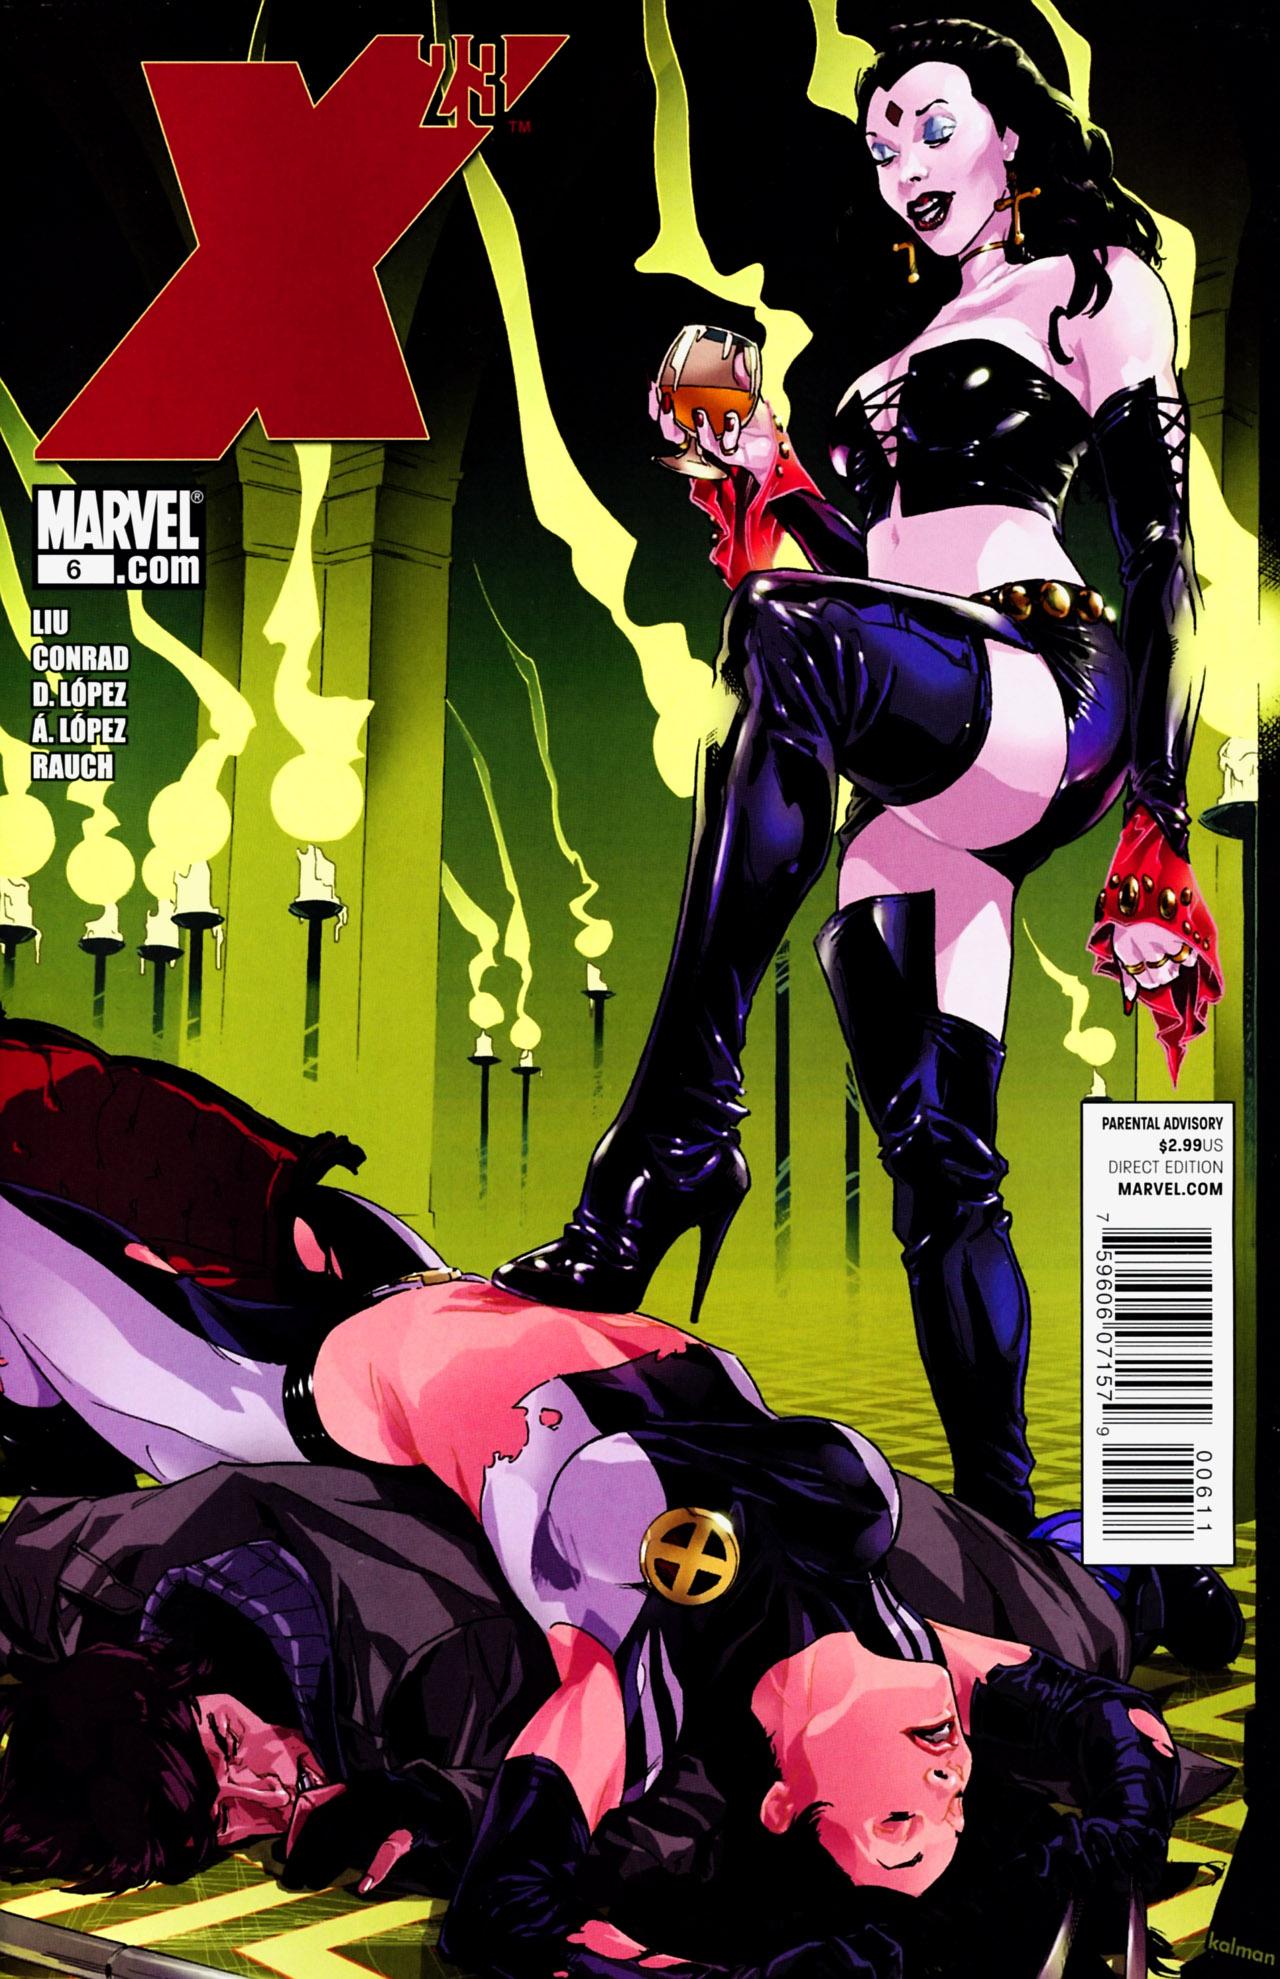 X-23 Vol 3 6 | Marvel Database | FANDOM powered by Wikia X 23 Marvel